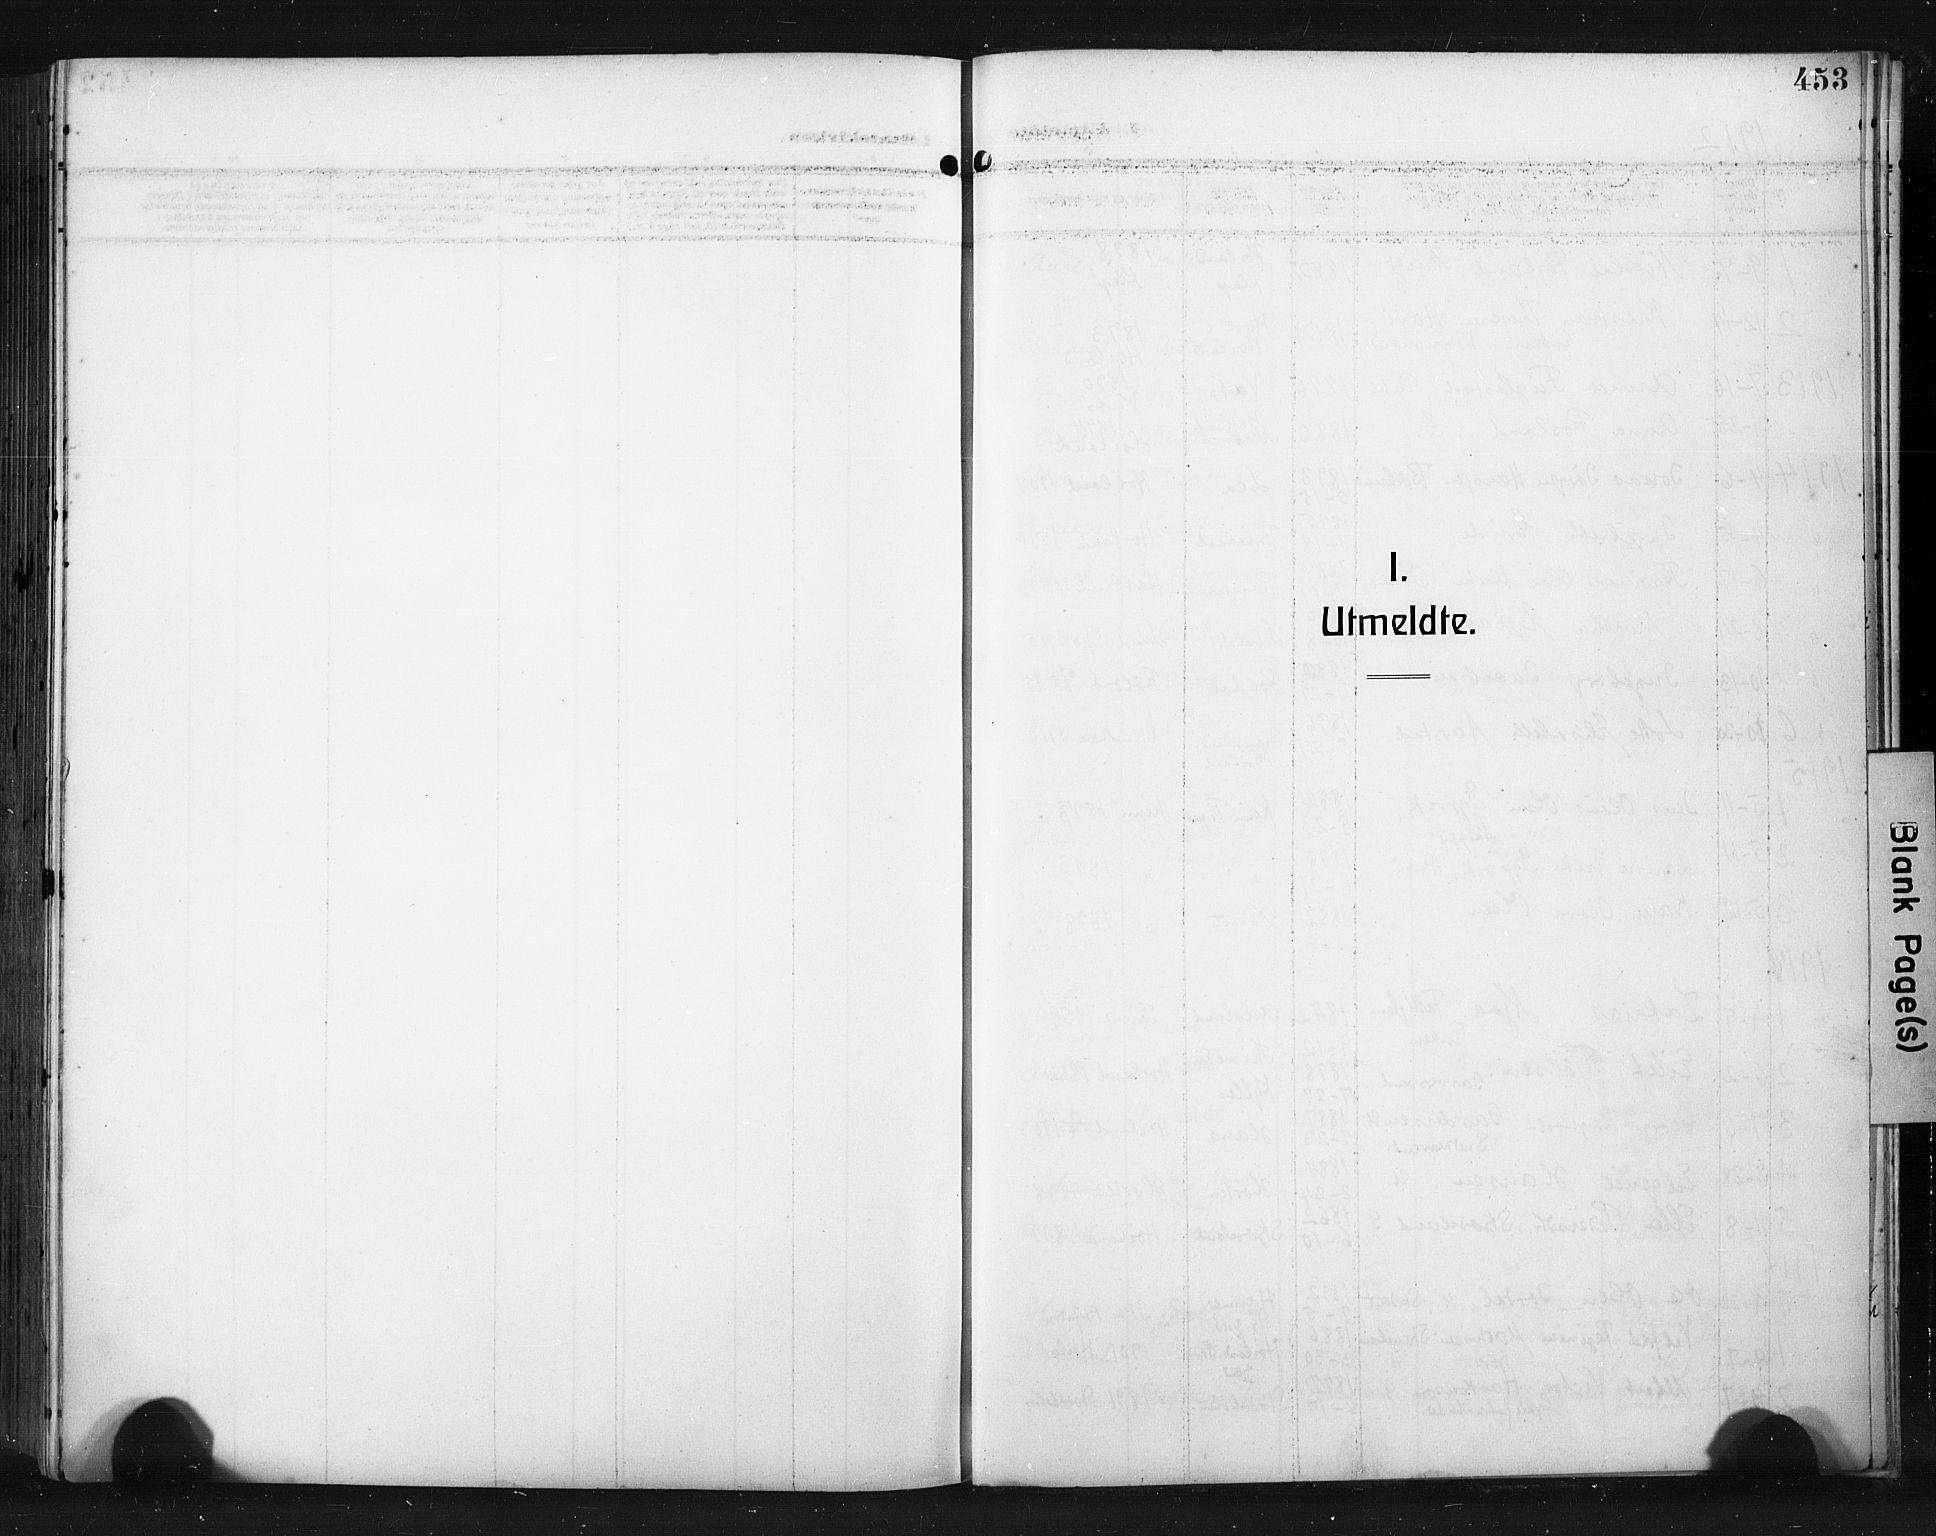 SAST, Høyland sokneprestkontor, 30BA/L0017: Parish register (official) no. A 15, 1912-1924, p. 453